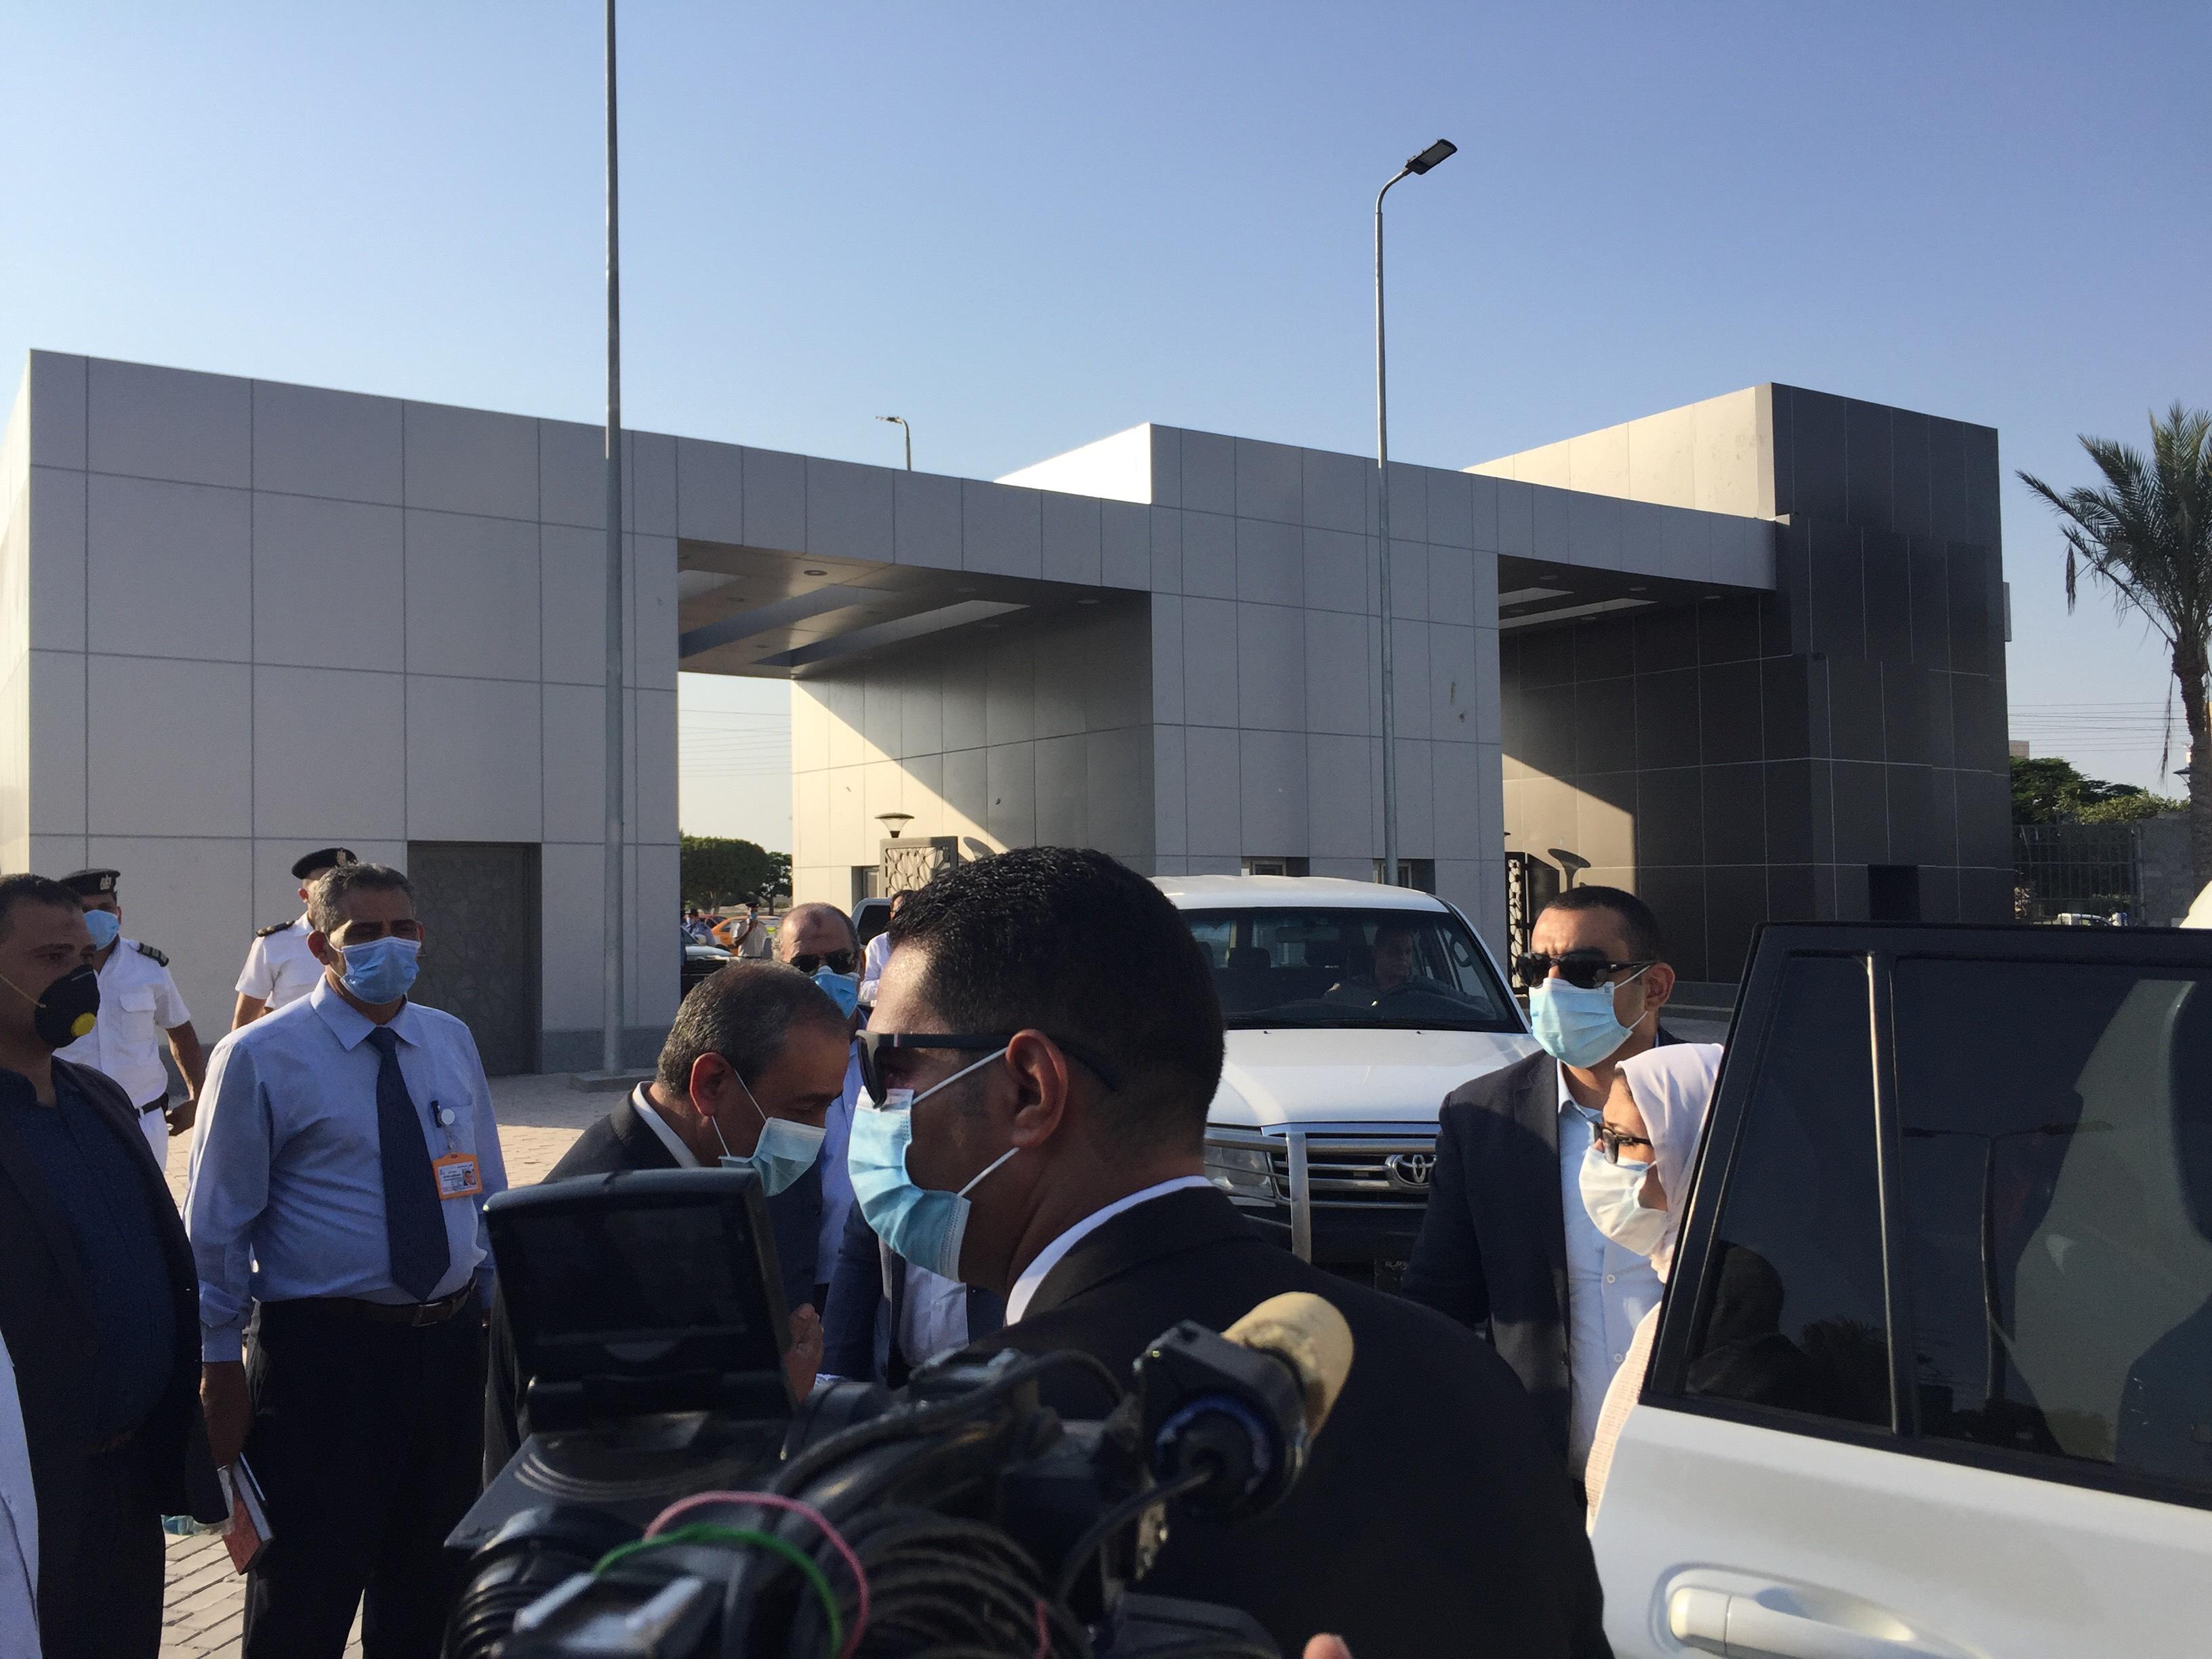 وزيرة الصحة تتفقد مستشفى الإسماعيلية العام  (1)